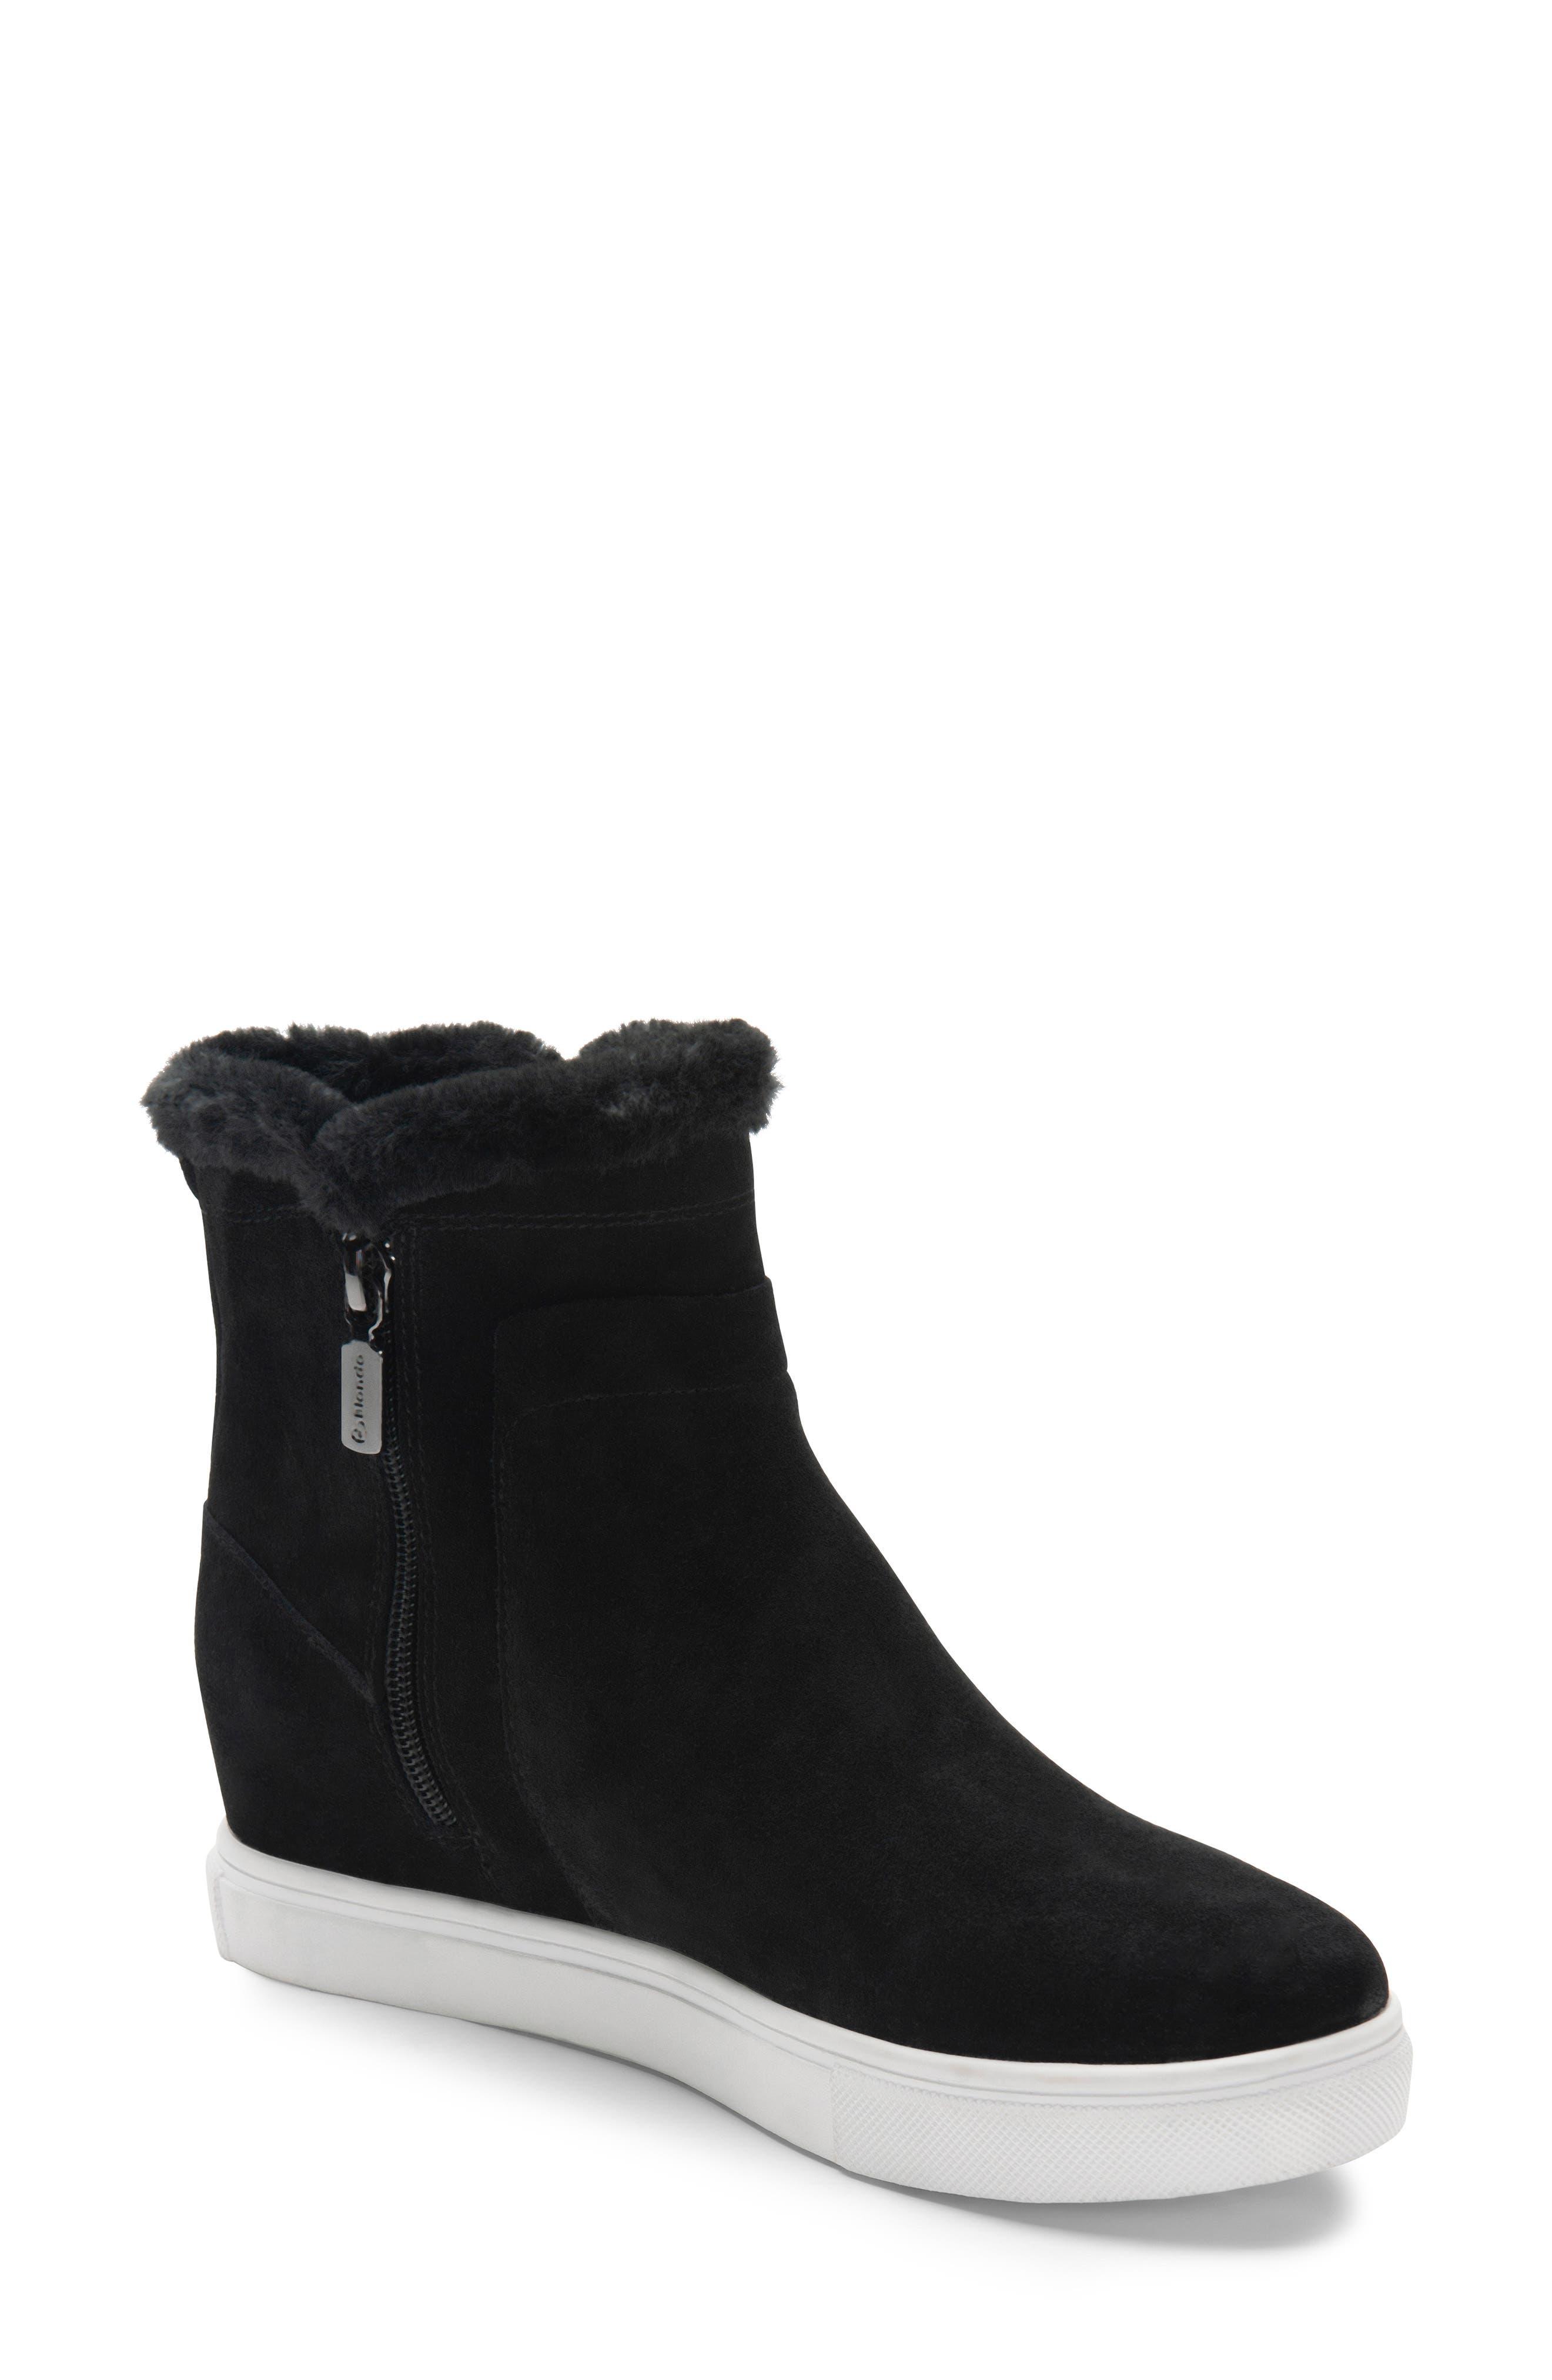 Blondo Glade Waterproof Sneaker- Black